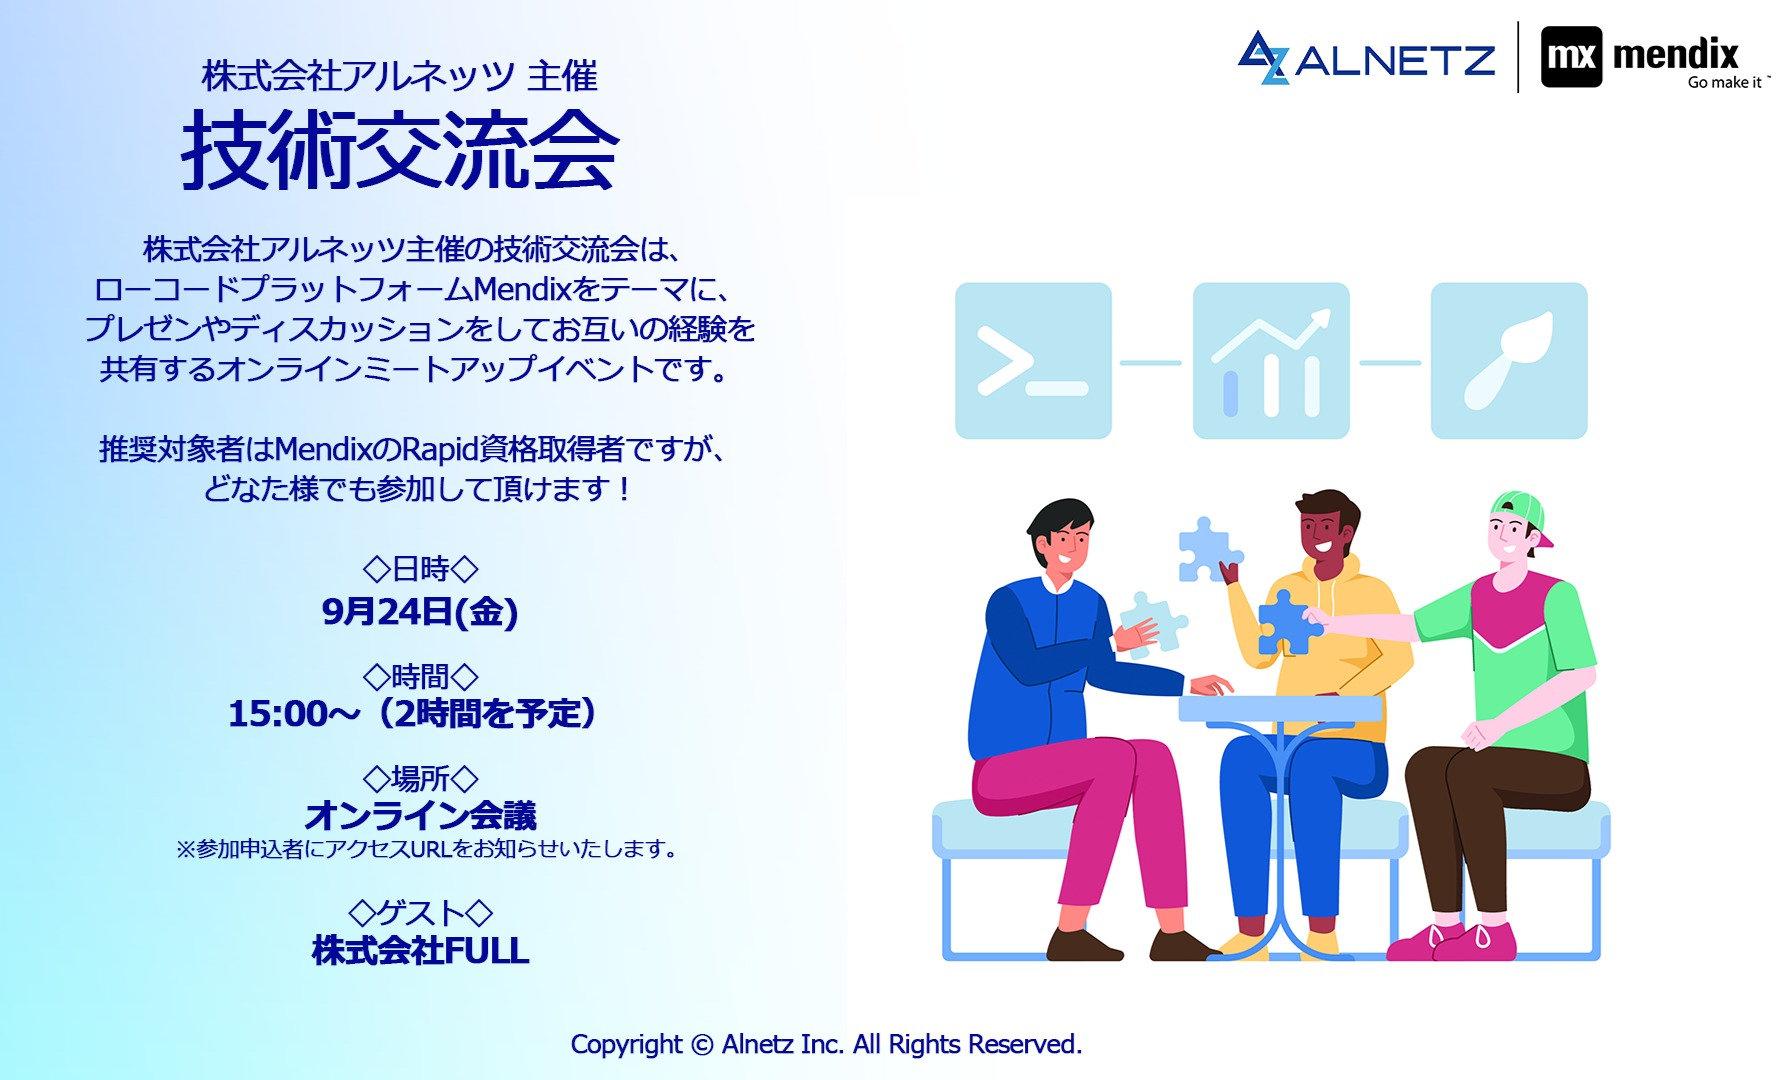 株式会社アルネッツ 主催 技術交流会